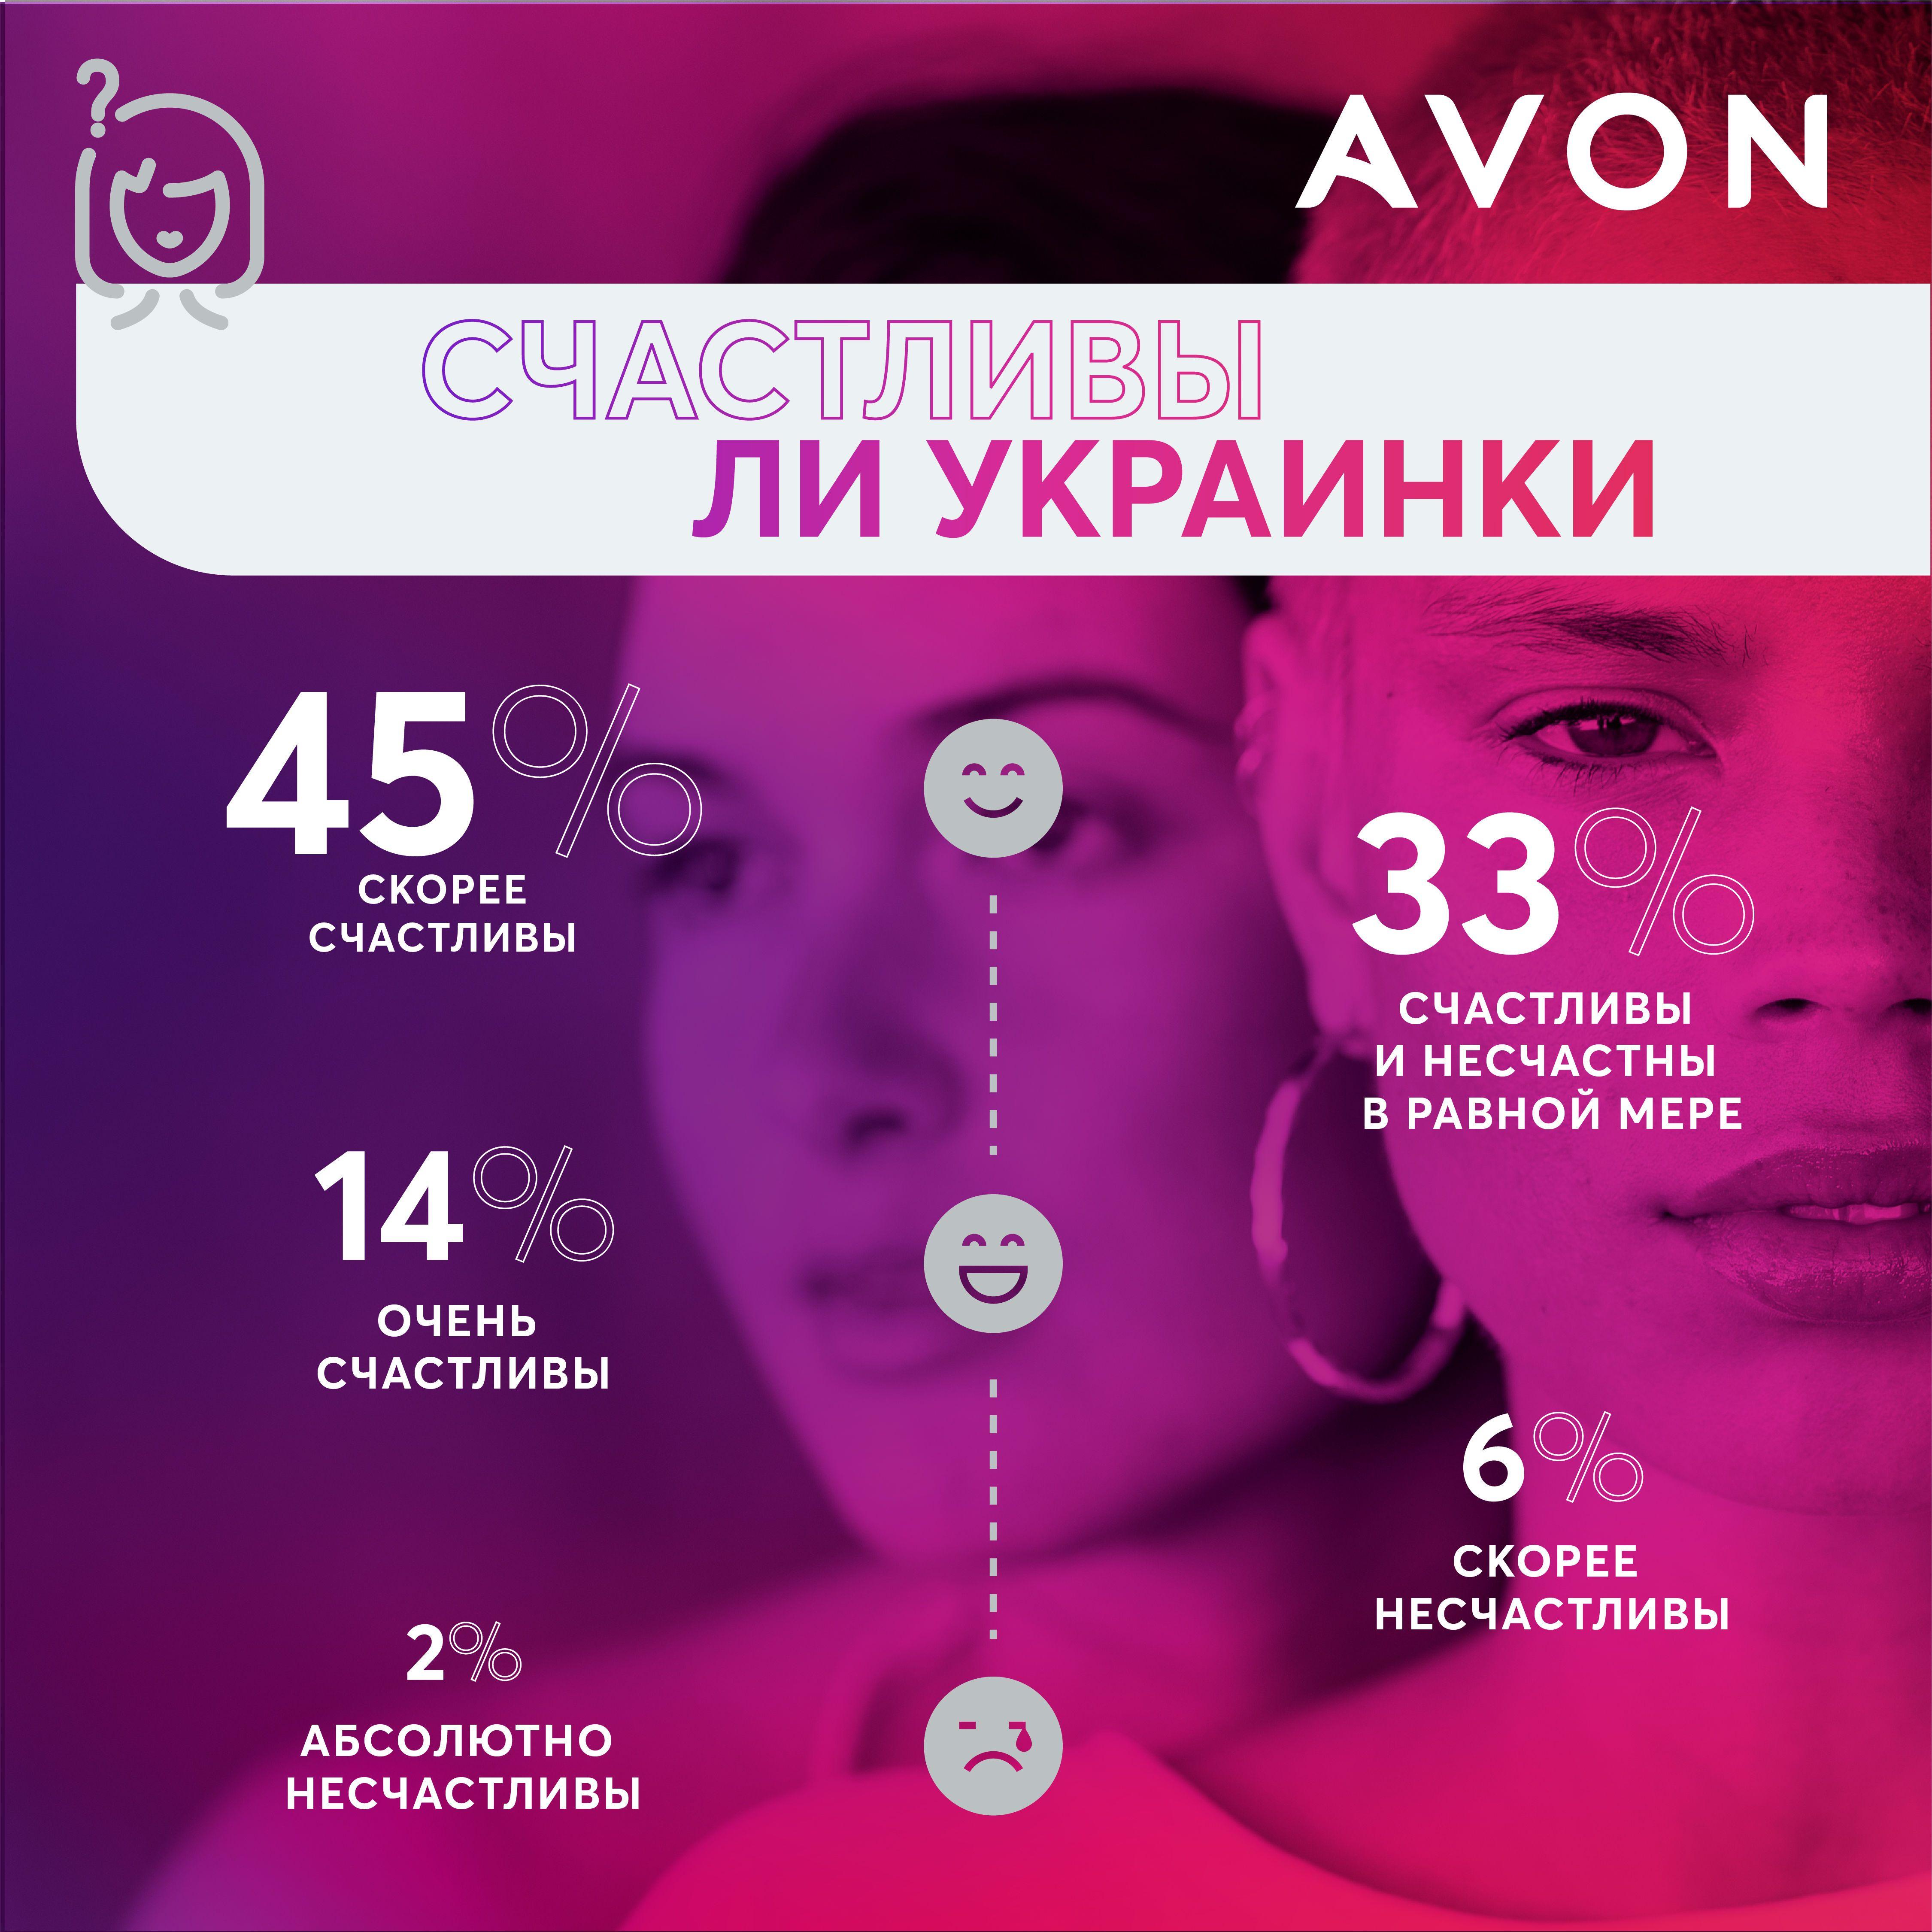 Avon інфографіка ру_1